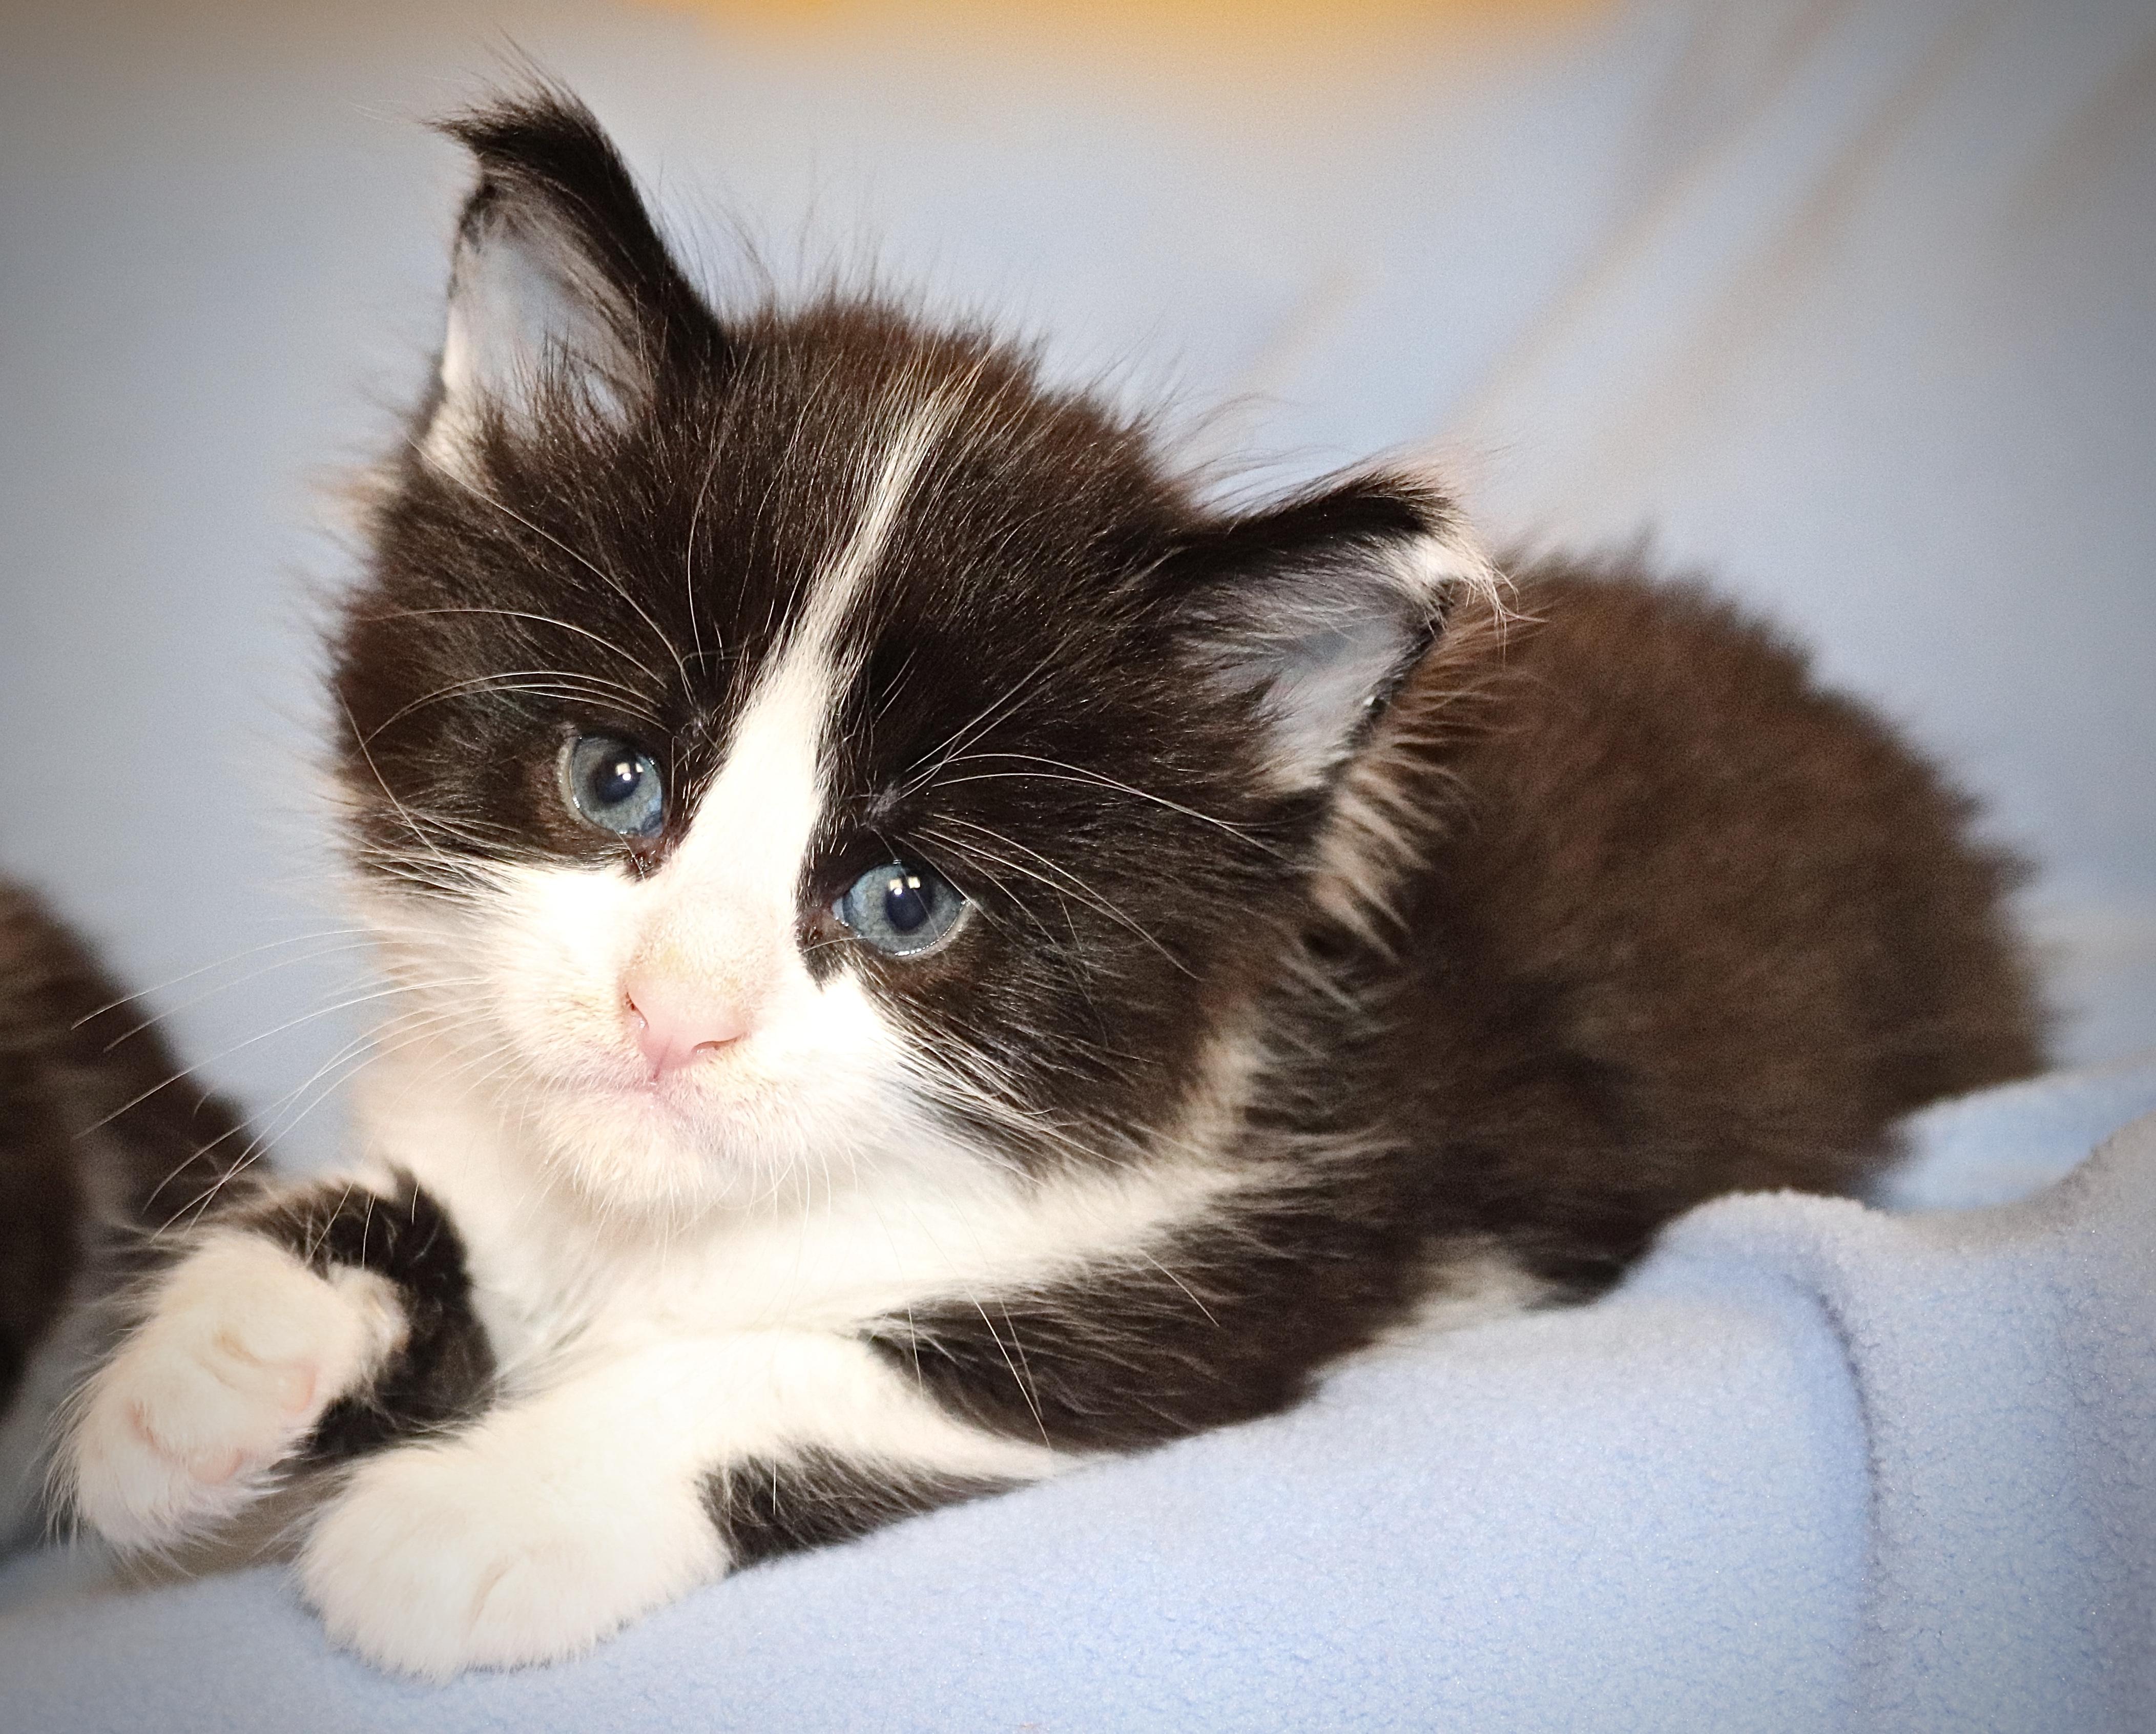 fotka kočky VRH I: INDIANA UNO VON ERILLIAN*CZ